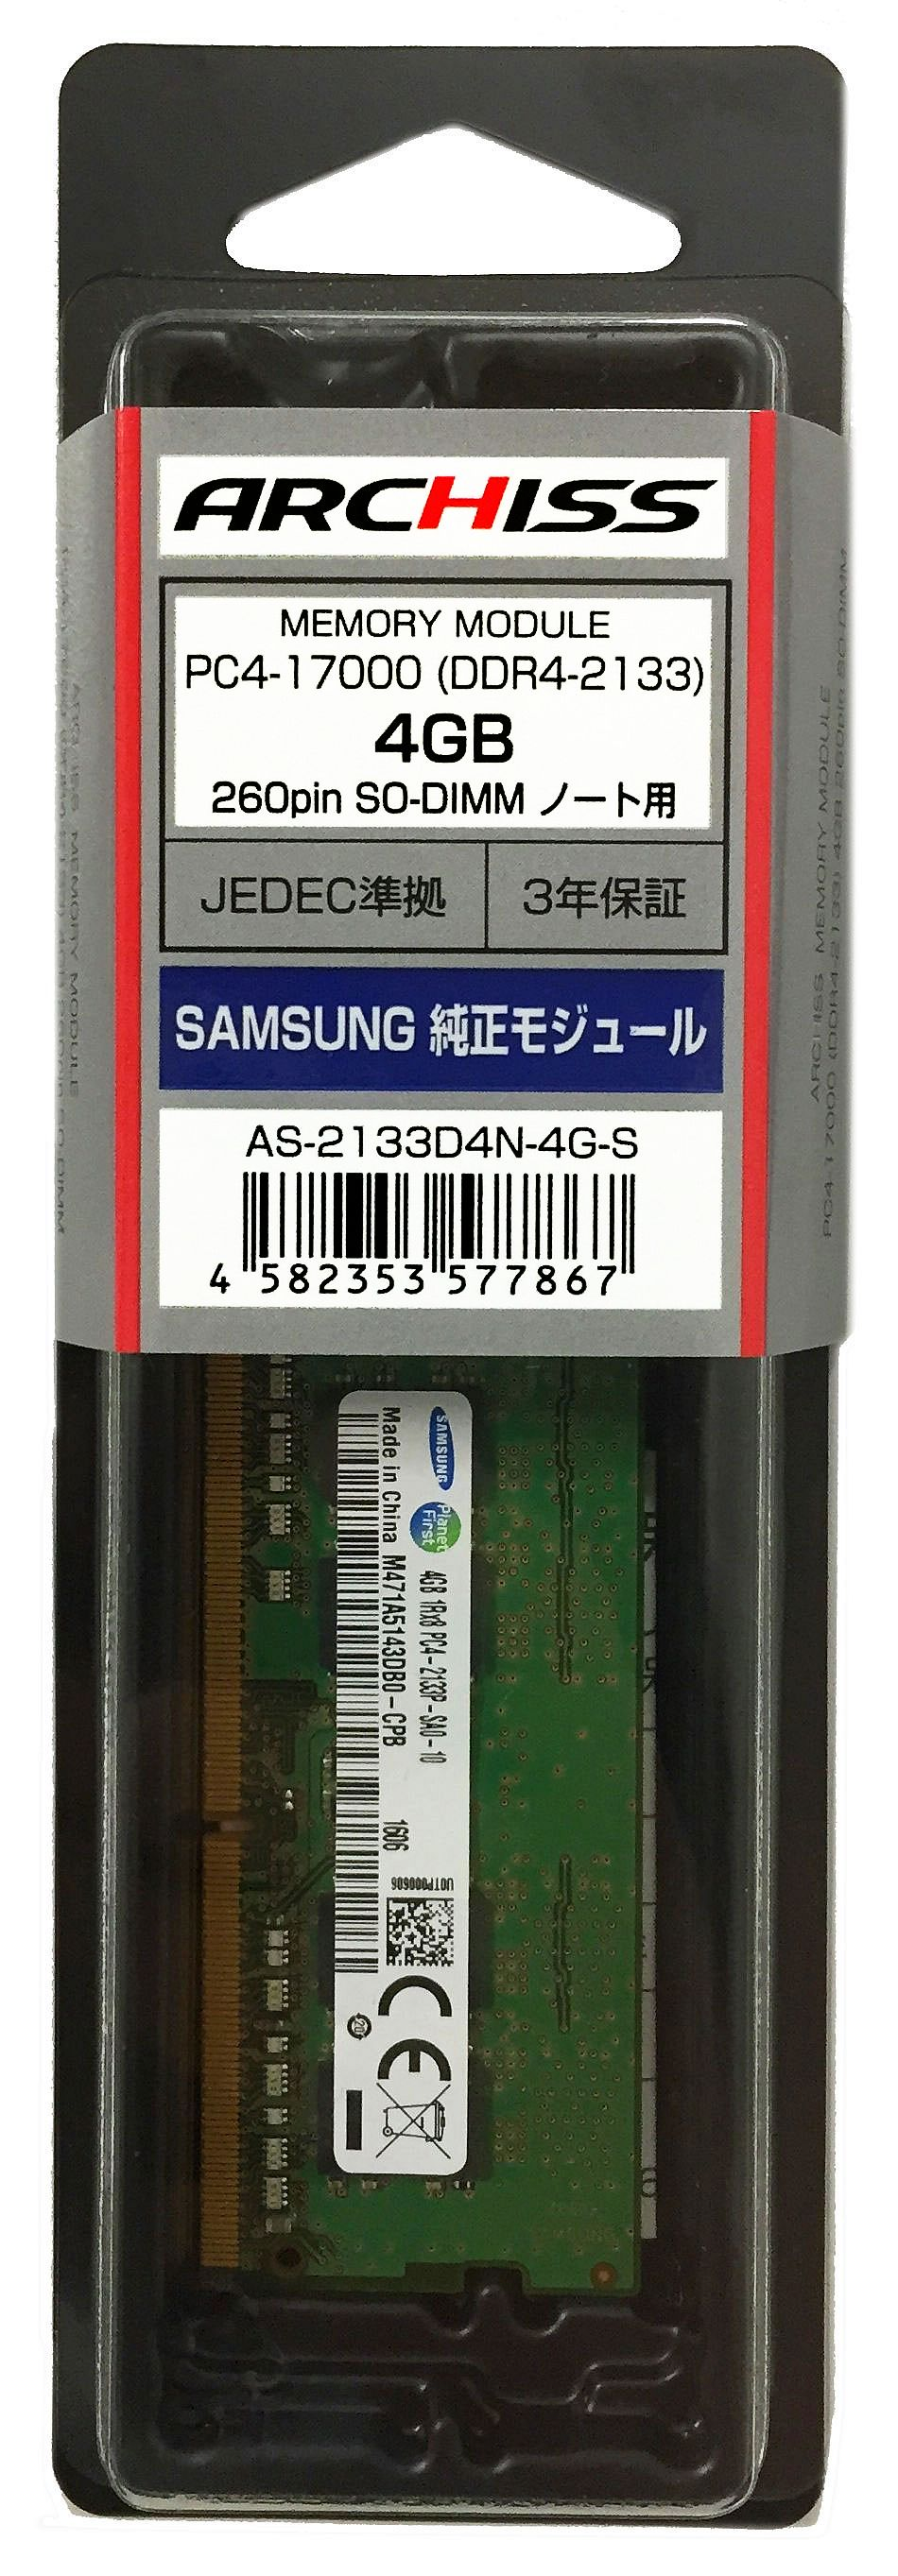 AS-2133D4N-4G-S